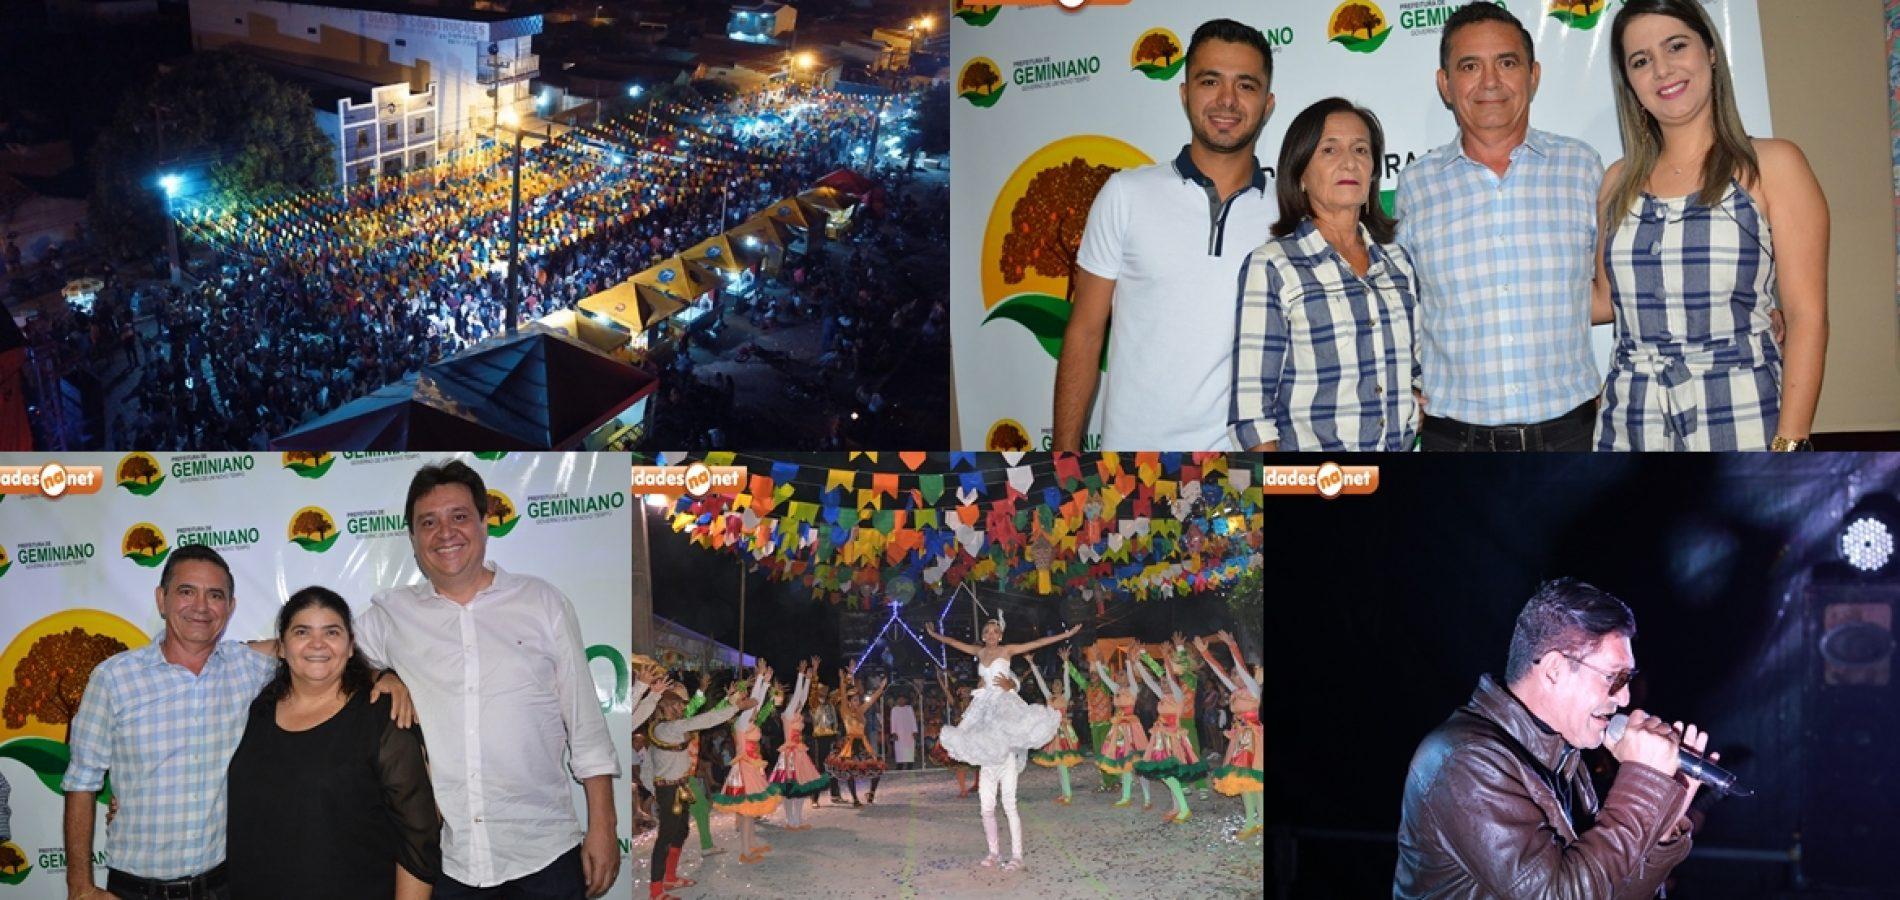 III SãoJoão do Piseiro é realizado em Geminianovalorizando e elevando a cultura local